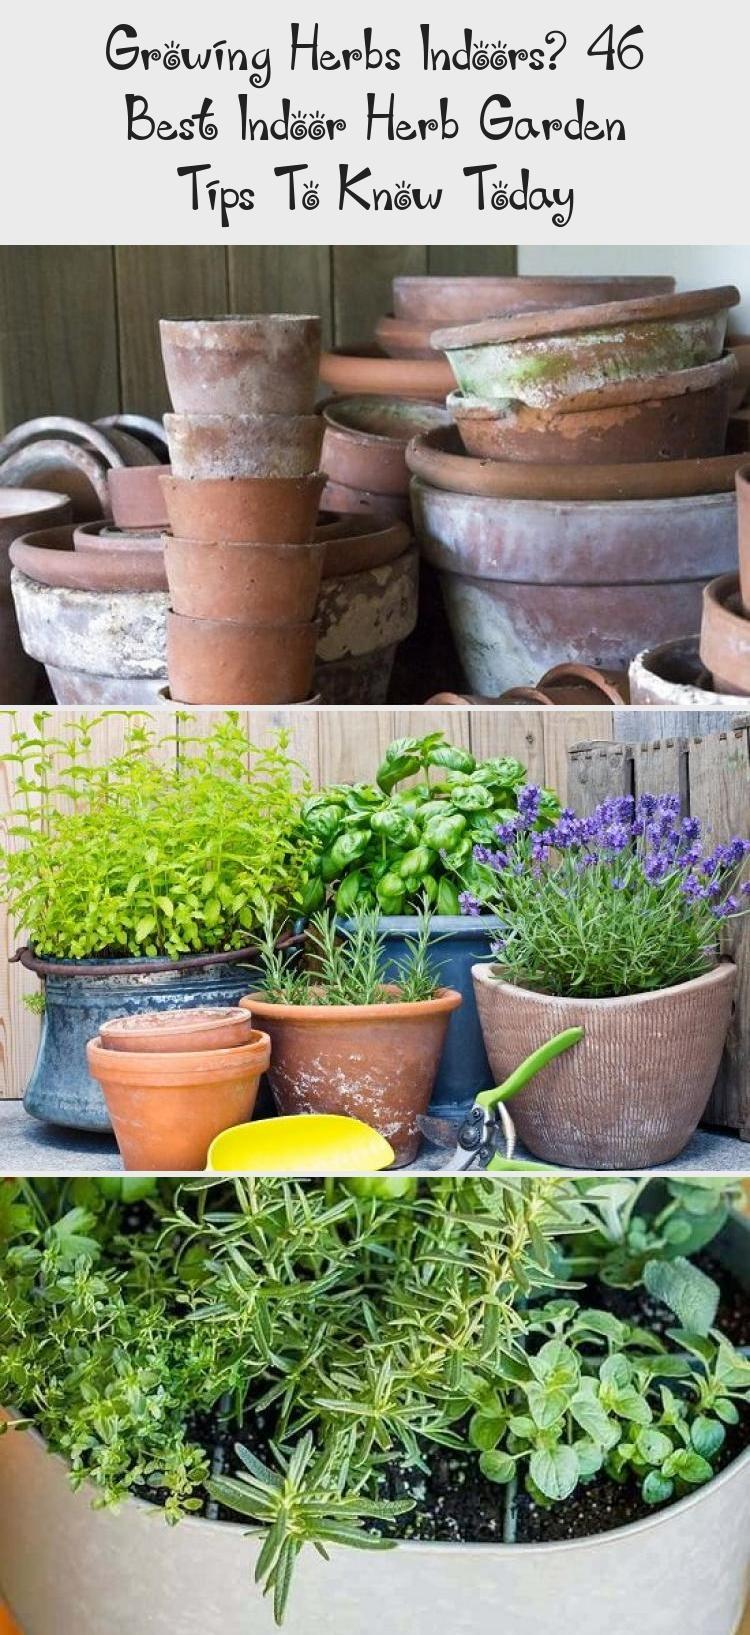 Growing Herbs Indoors? 46 Best Indoor Herb Garden Tips To